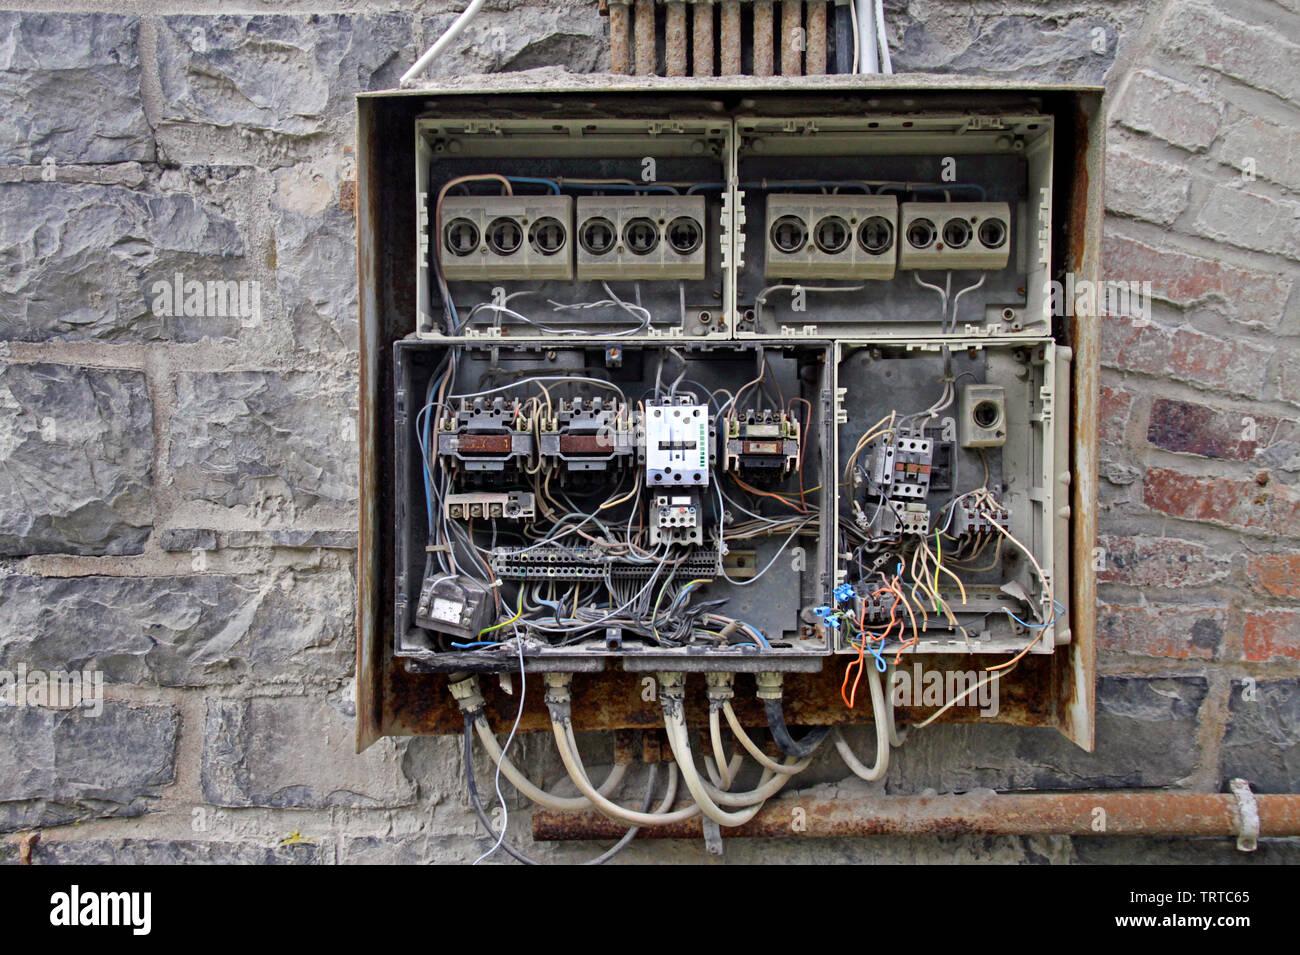 Caos de cables en una caja de fusibles en un edificio abandonado Foto de stock